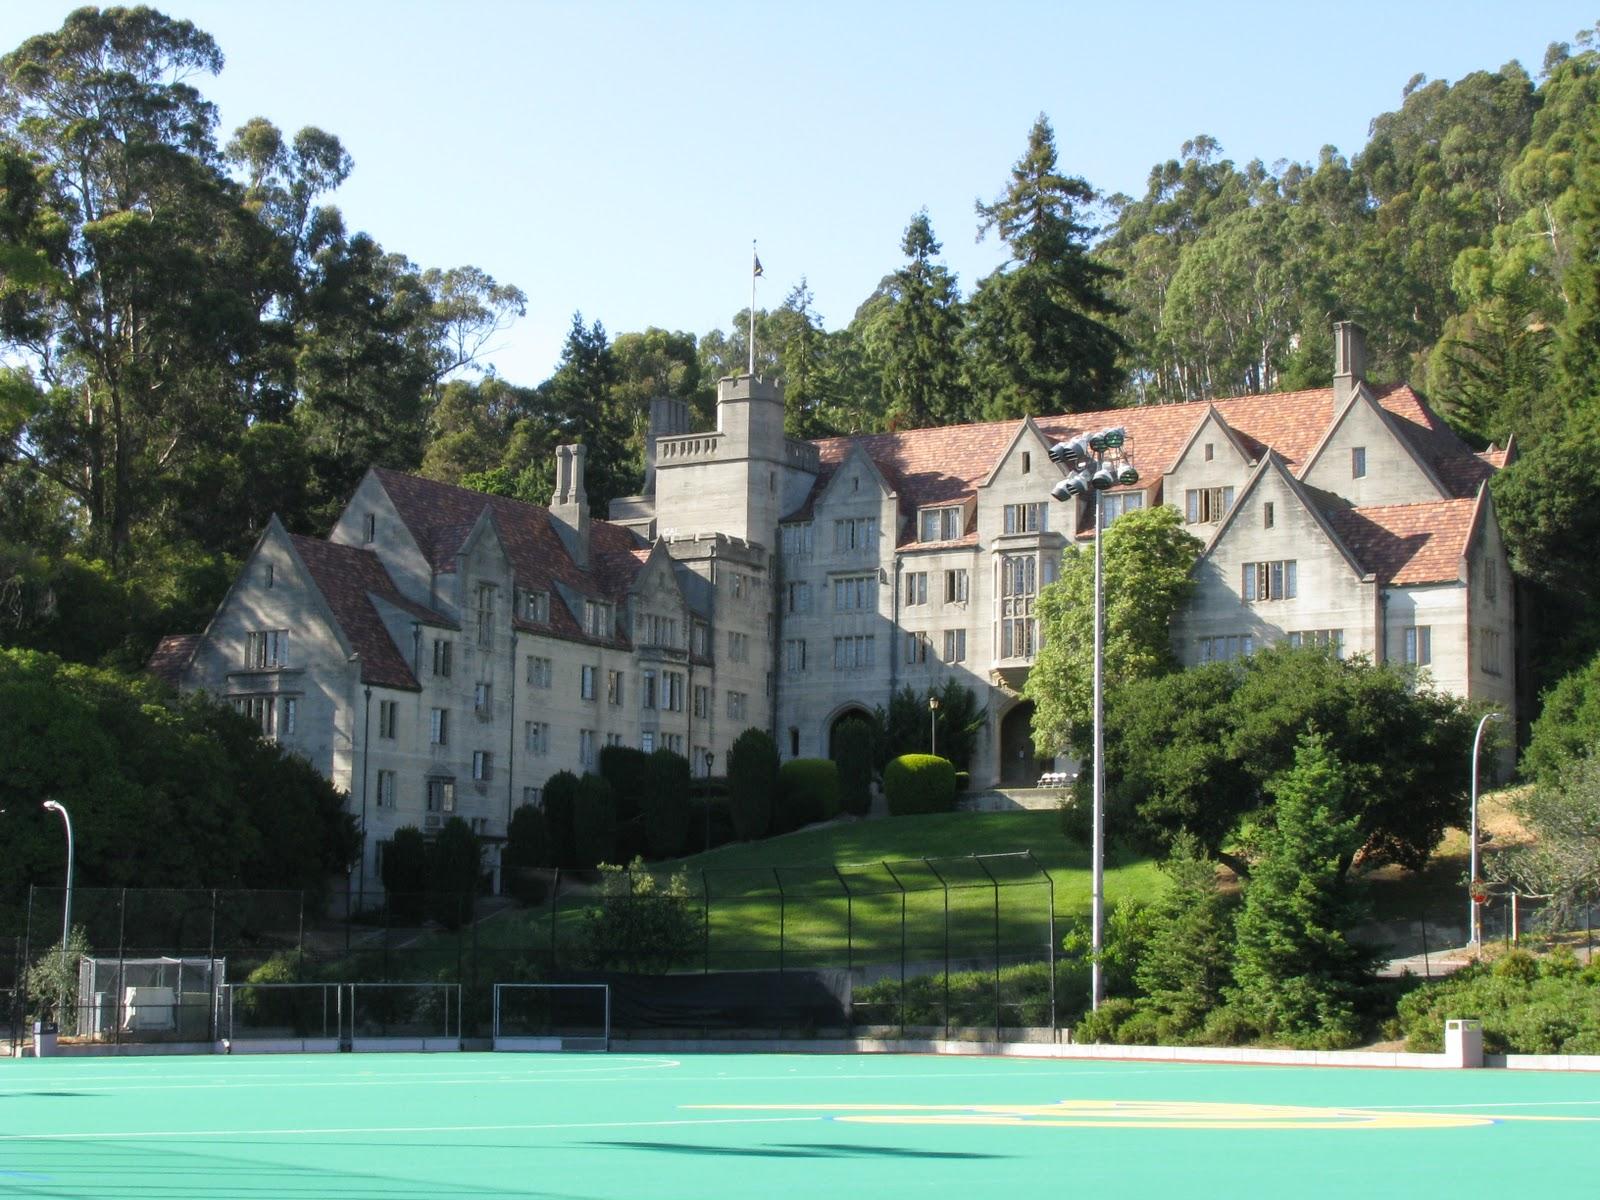 http://2.bp.blogspot.com/-QWJ-3e24-RA/Tnz0UnZ0ZaI/AAAAAAAAAY0/glHM4voMoSs/s1600/manoir+berkeley+manor.JPG